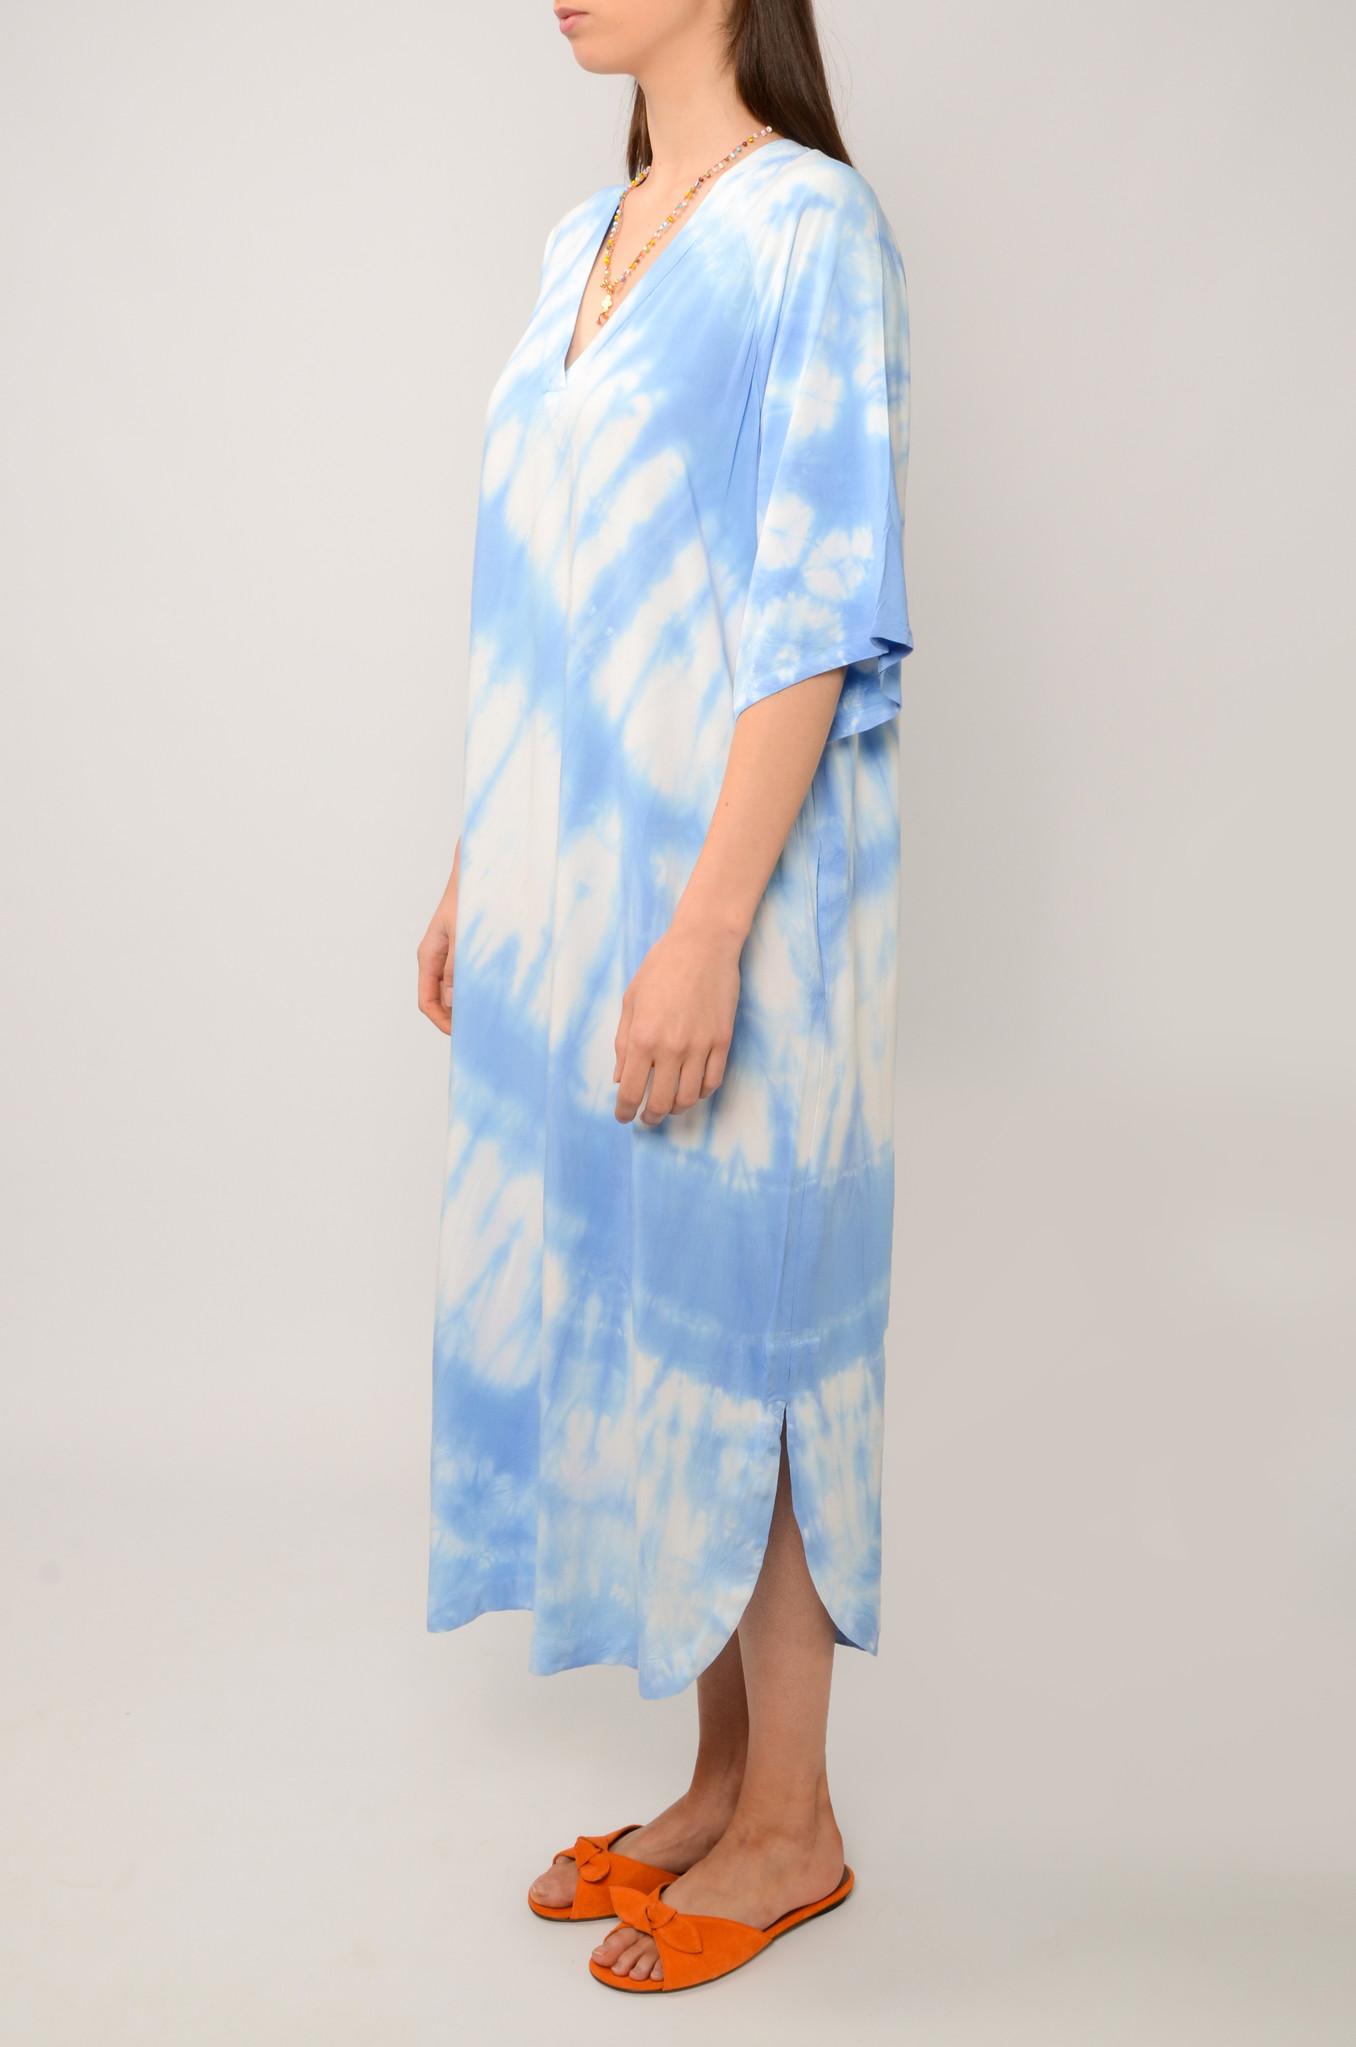 OCEAN BREEZE DRESS IN SKY BLUE-3